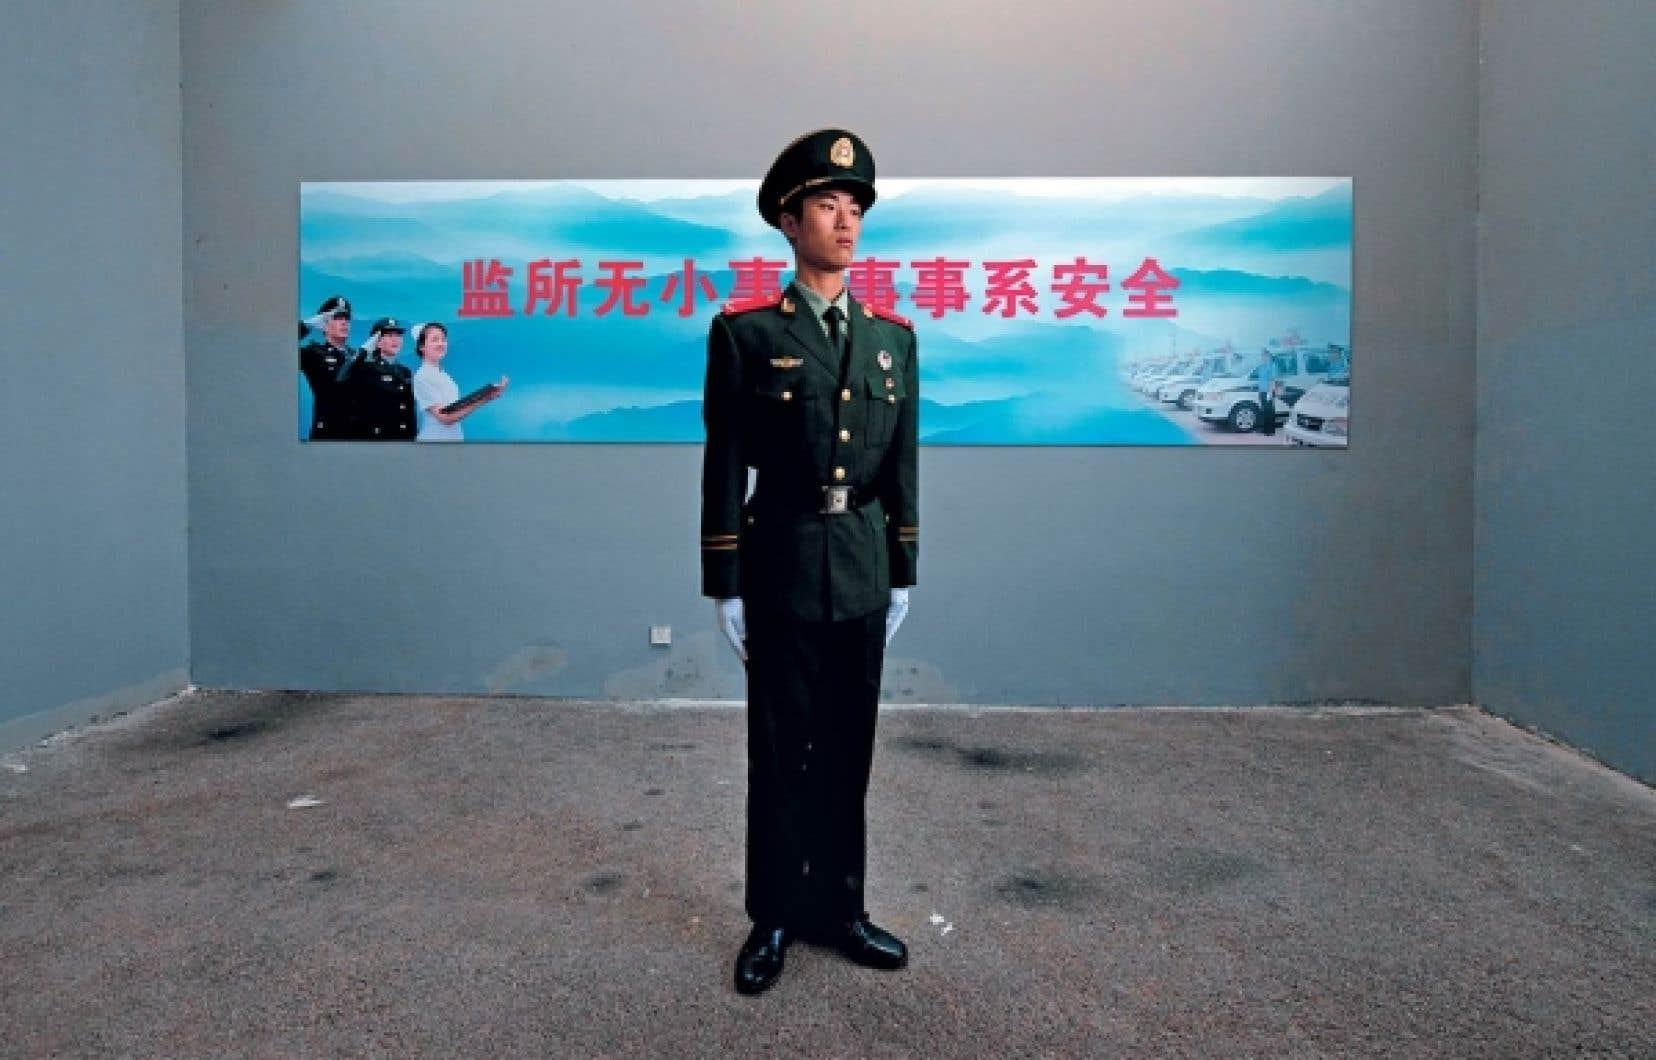 Un garde paramilitaire lors d'une visite guidée du gouvernement dans un centre de détention à Beijing la semaine dernière.